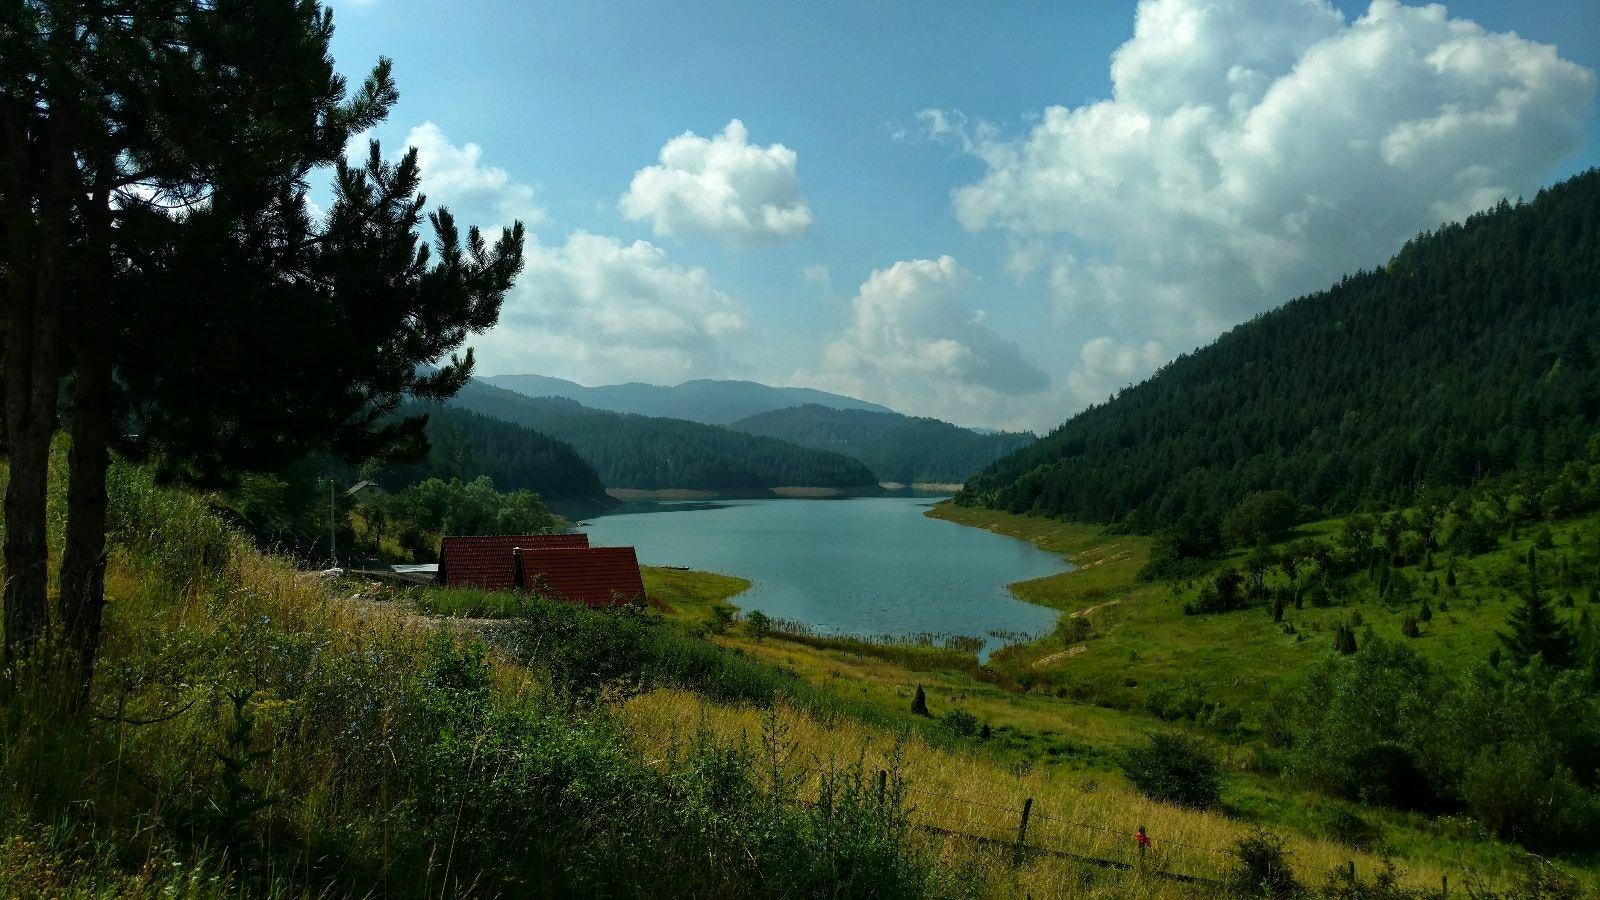 BLOG | Tara trekking: views, selfie-stick-toeristen, modderpaden en beren